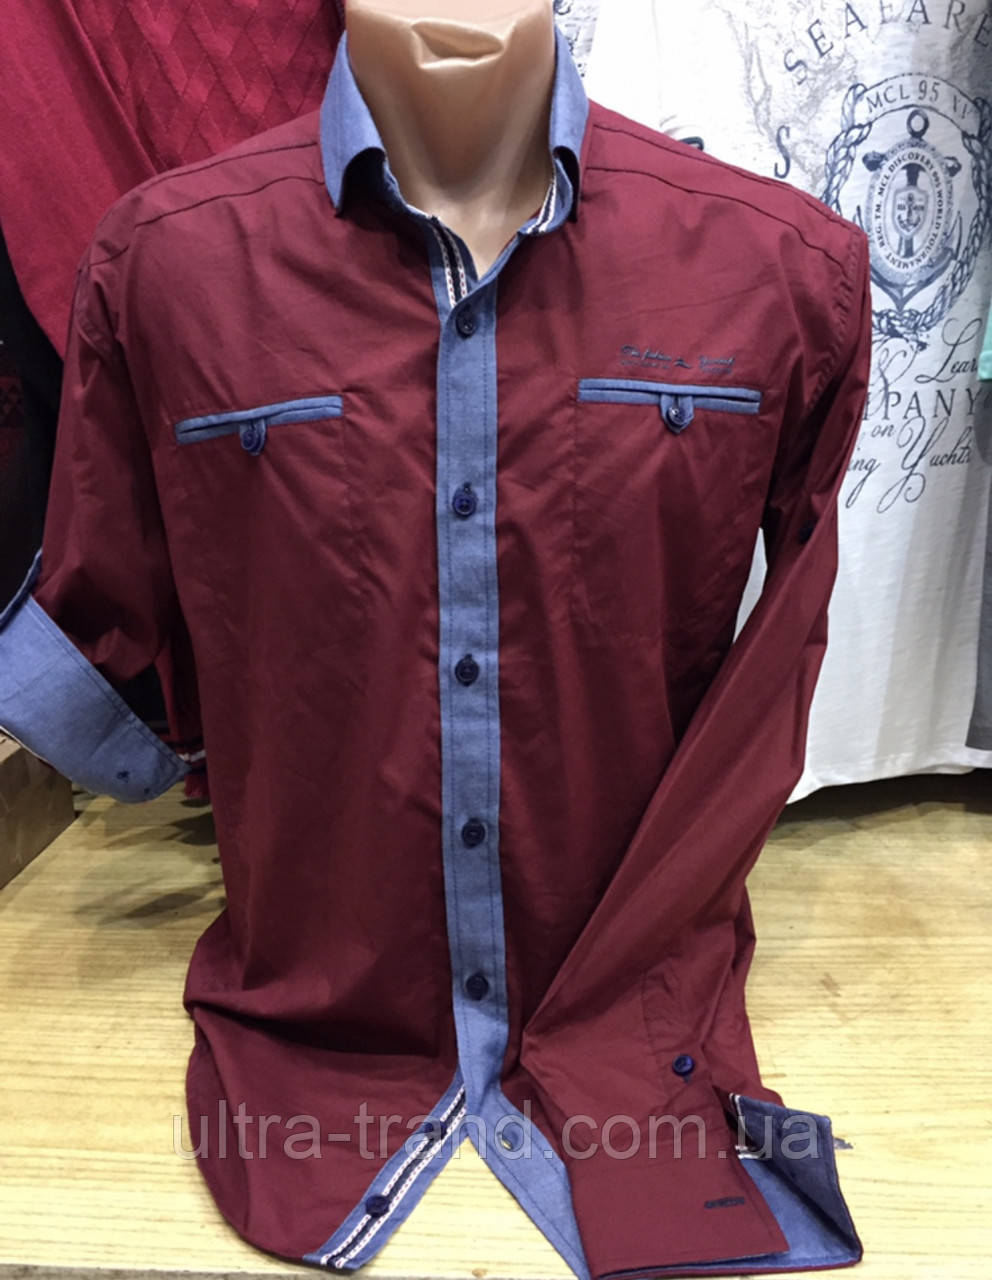 Мужская коттоновая турецкая рубашка с длинным рукавом- трансформером цвета марсала